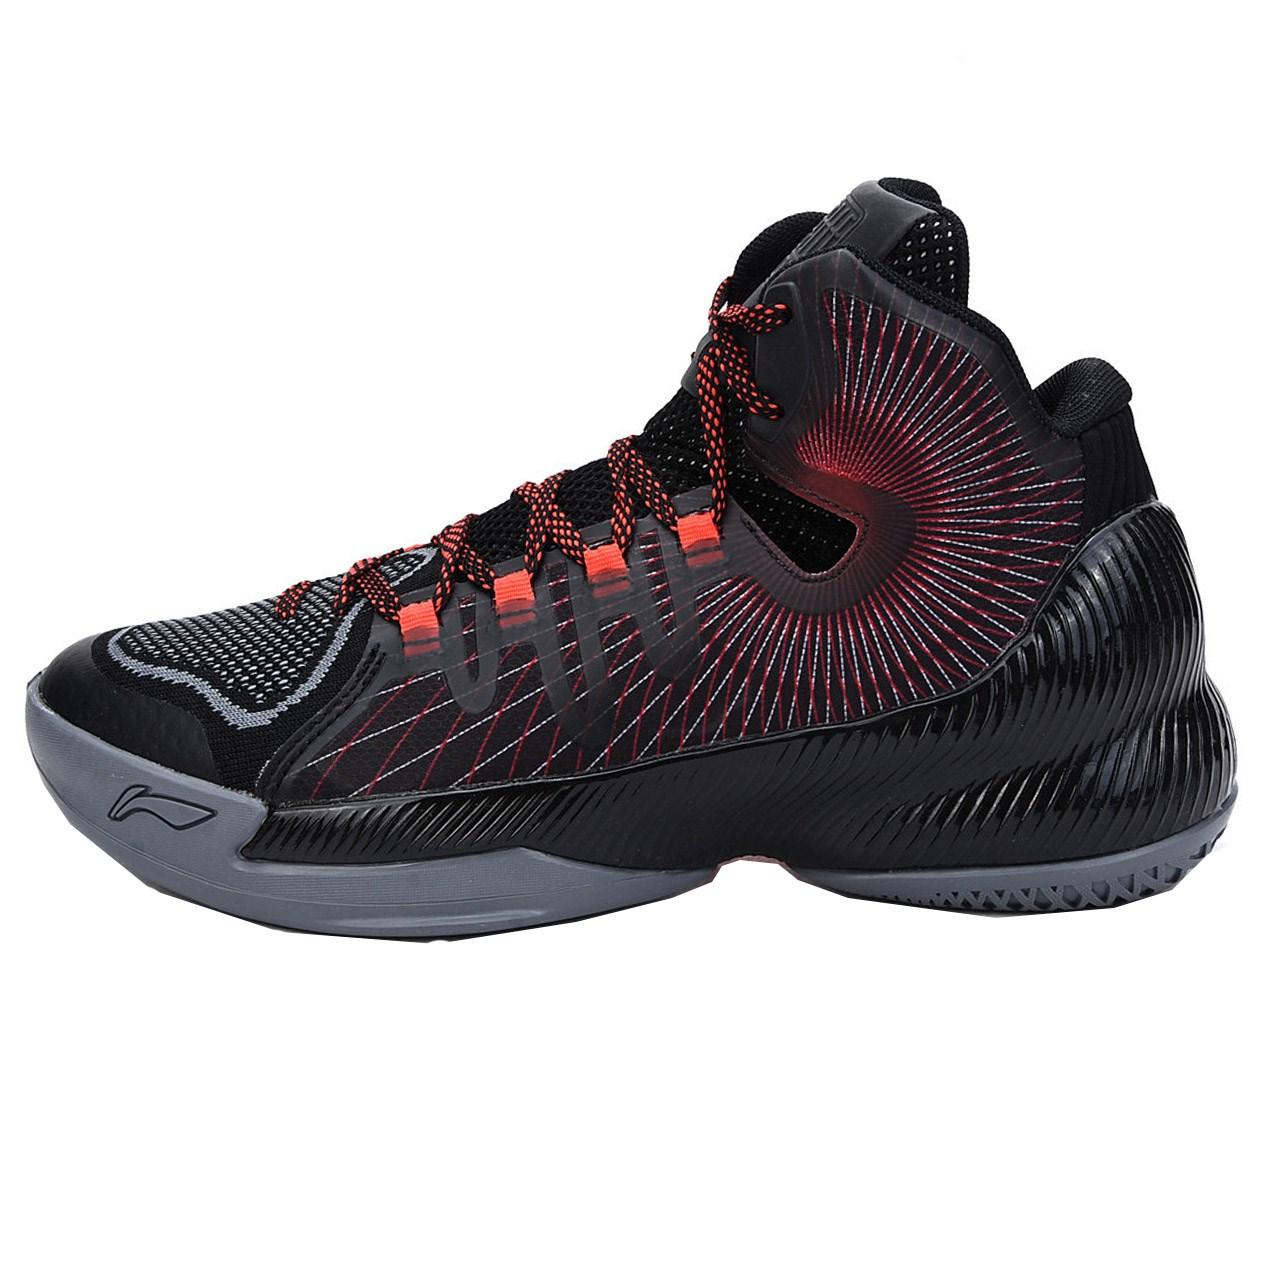 قیمت کفش بسکتبال مردانه لی نینگ مدل ABAM007-2